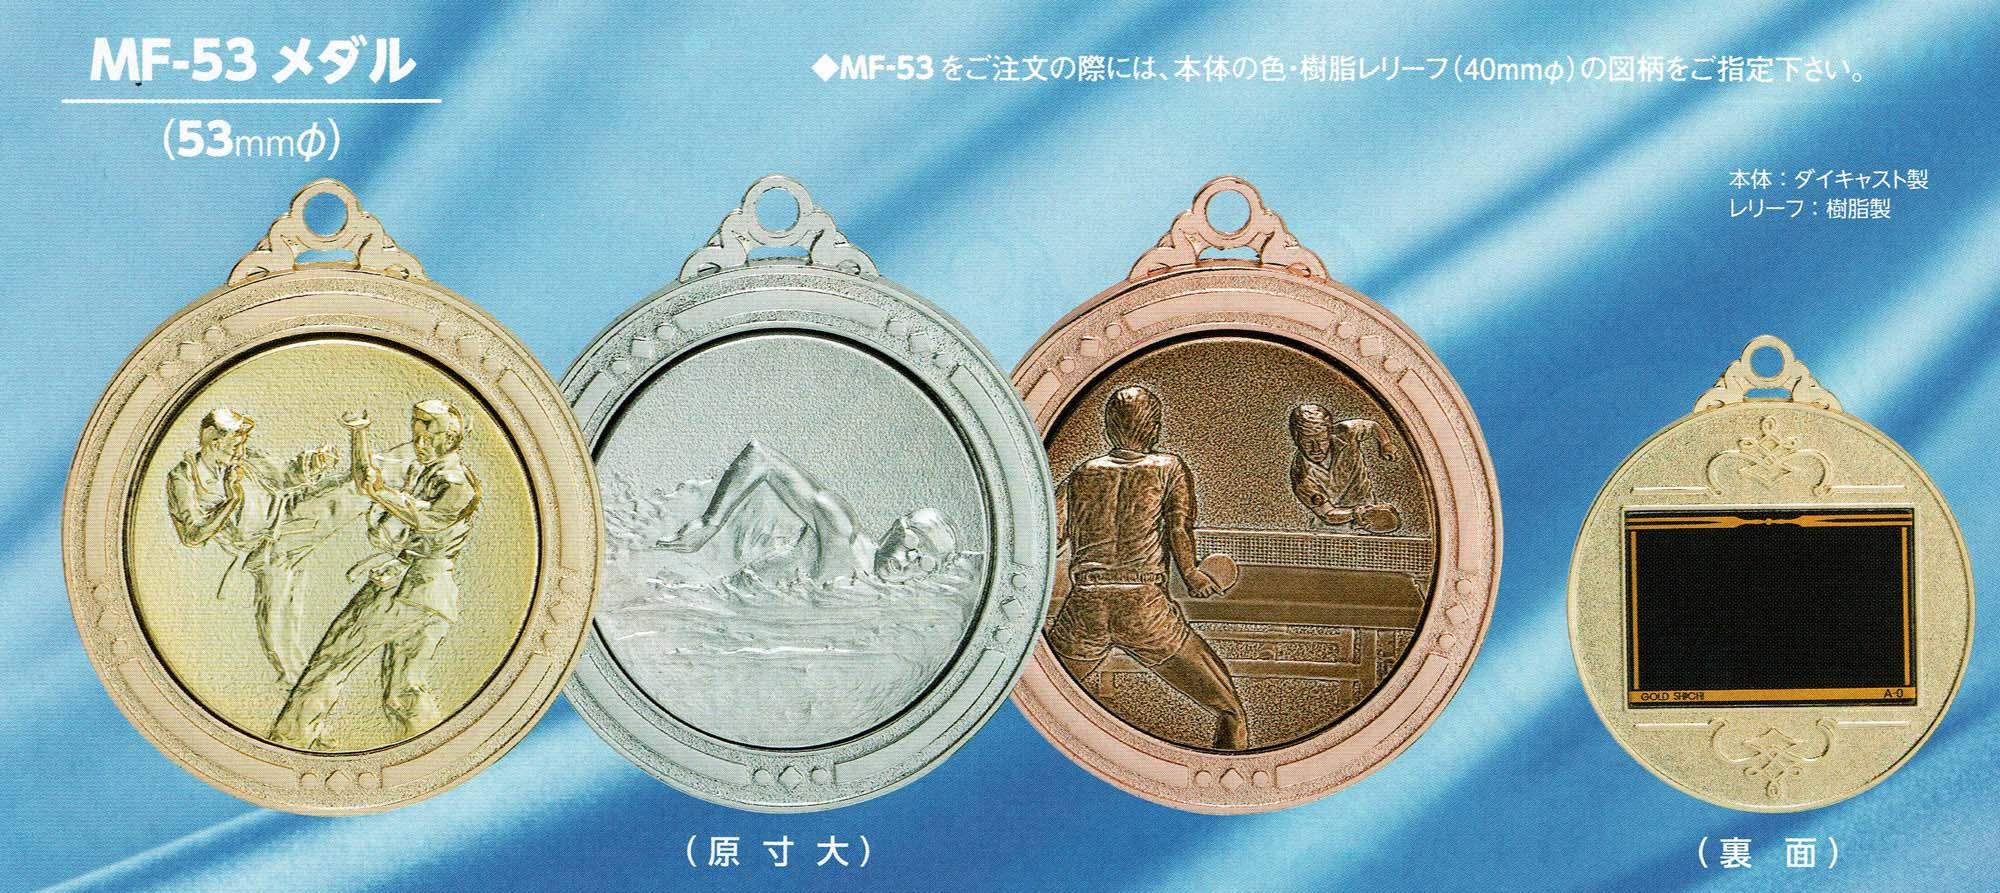 MF53メダル